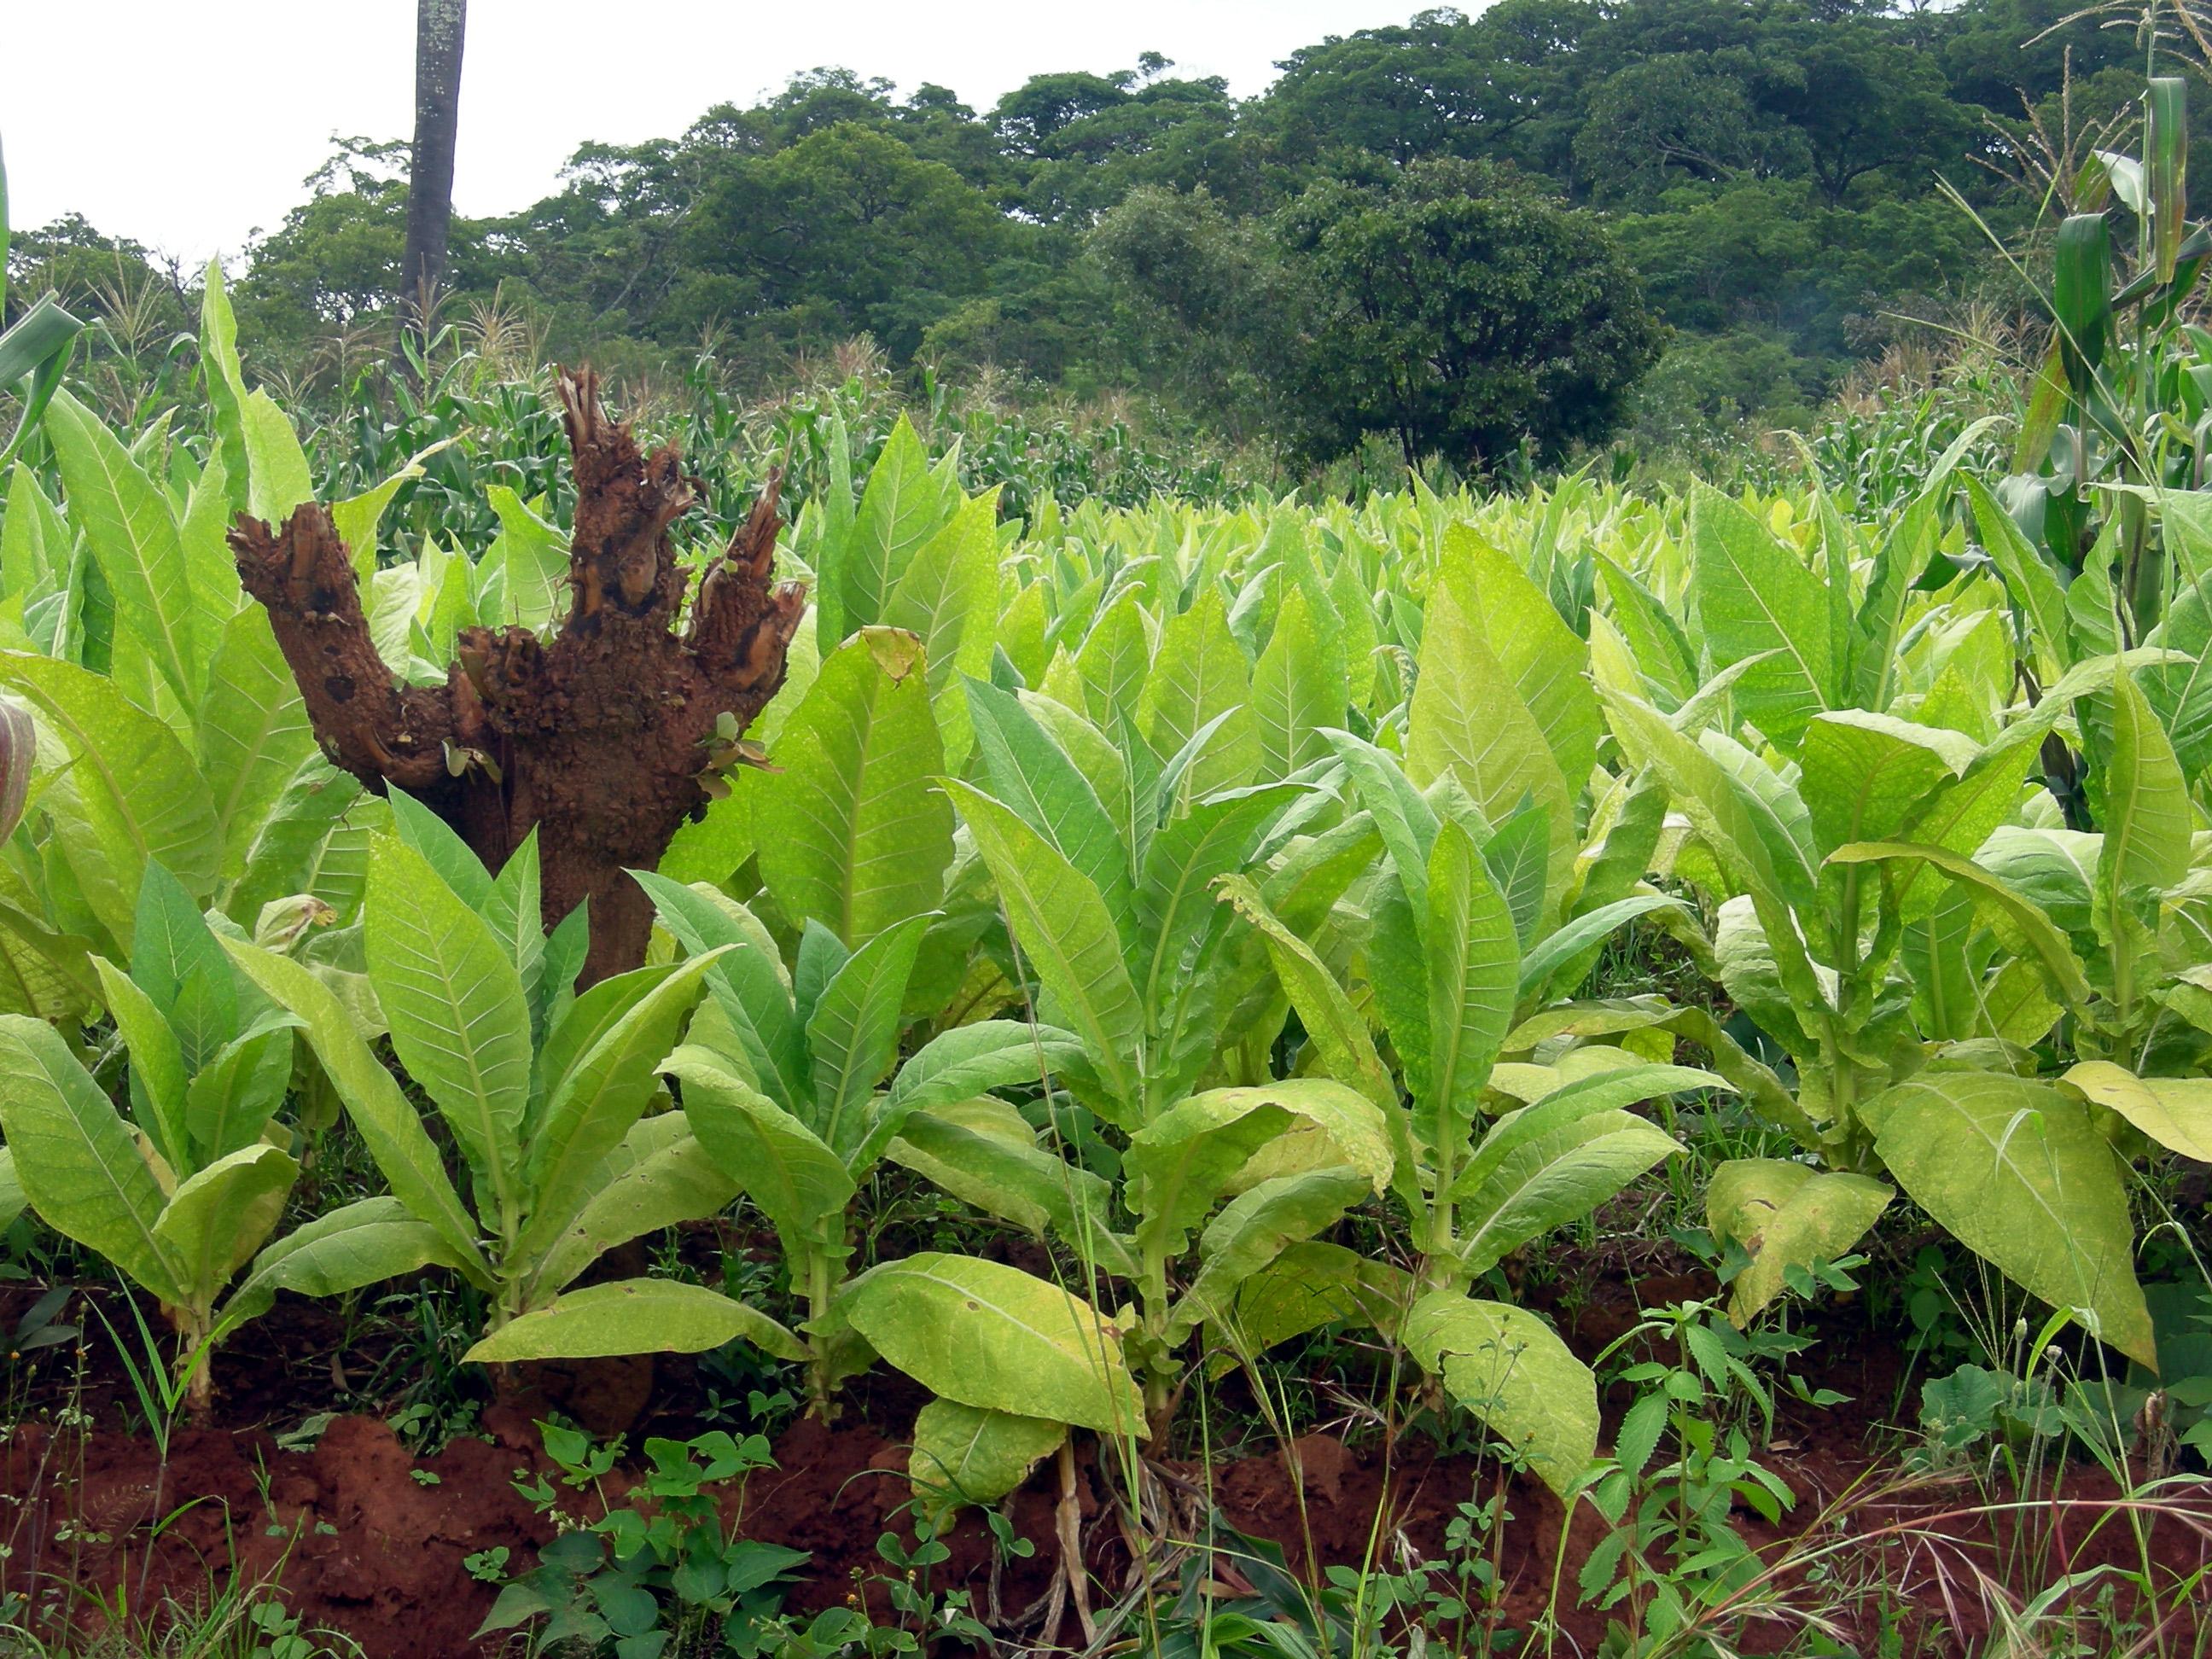 Tabakanbau in Malawi